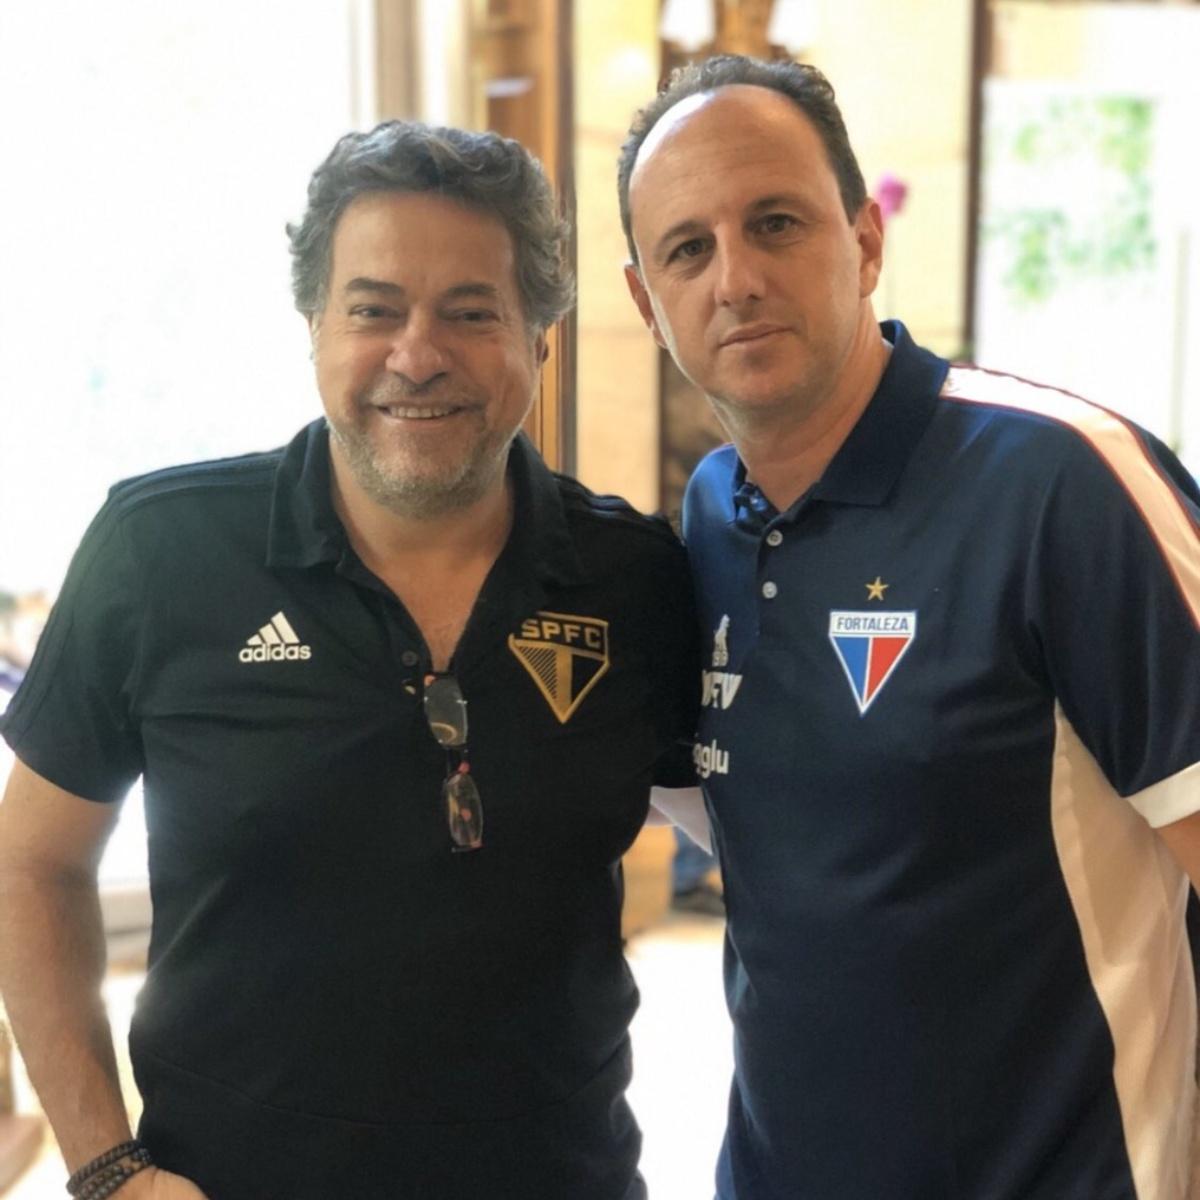 Conselheiro diz que houve 'dupla precipitação' em contratação de Rogério  Ceni pelo São Paulo | TNT Sports